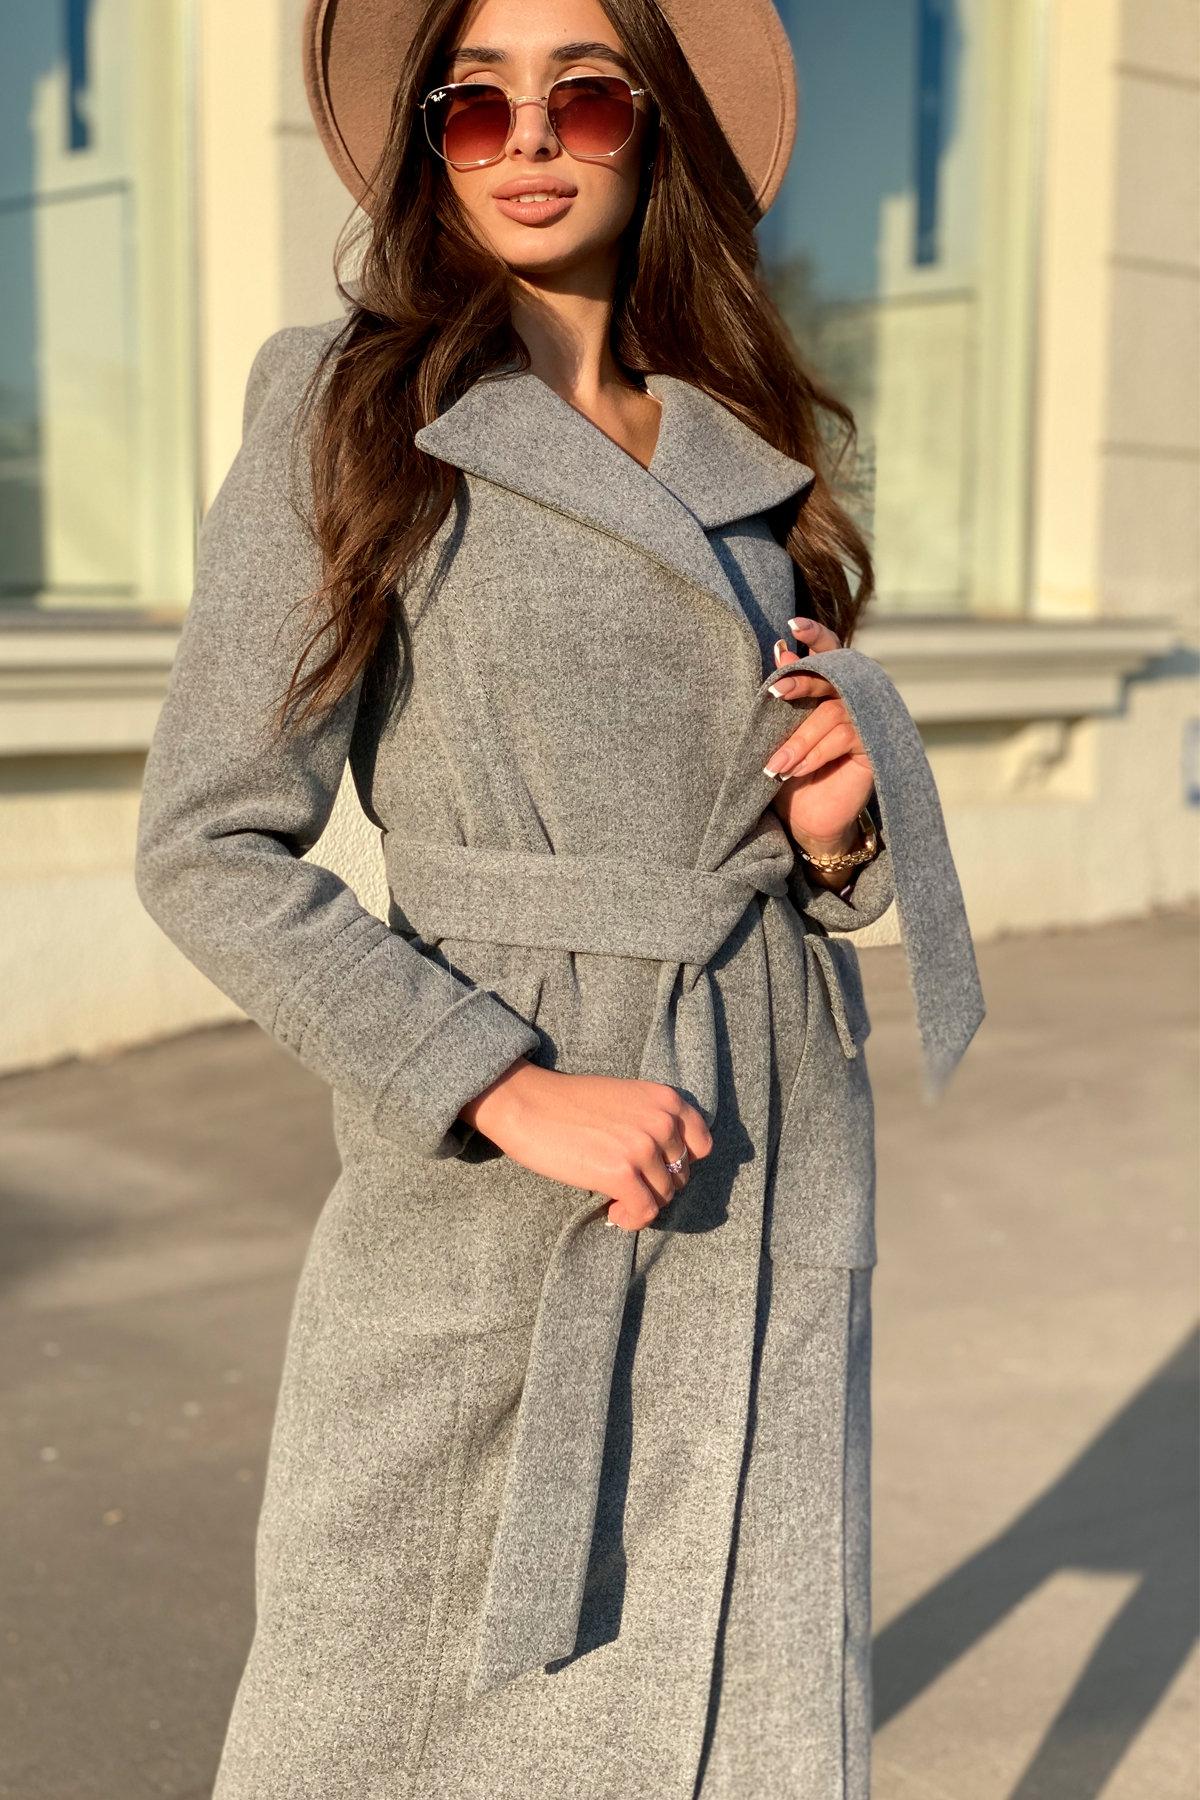 Зимнее пальто с мехом Стейси 5647 АРТ. 37855 Цвет: Серый 18 - фото 8, интернет магазин tm-modus.ru